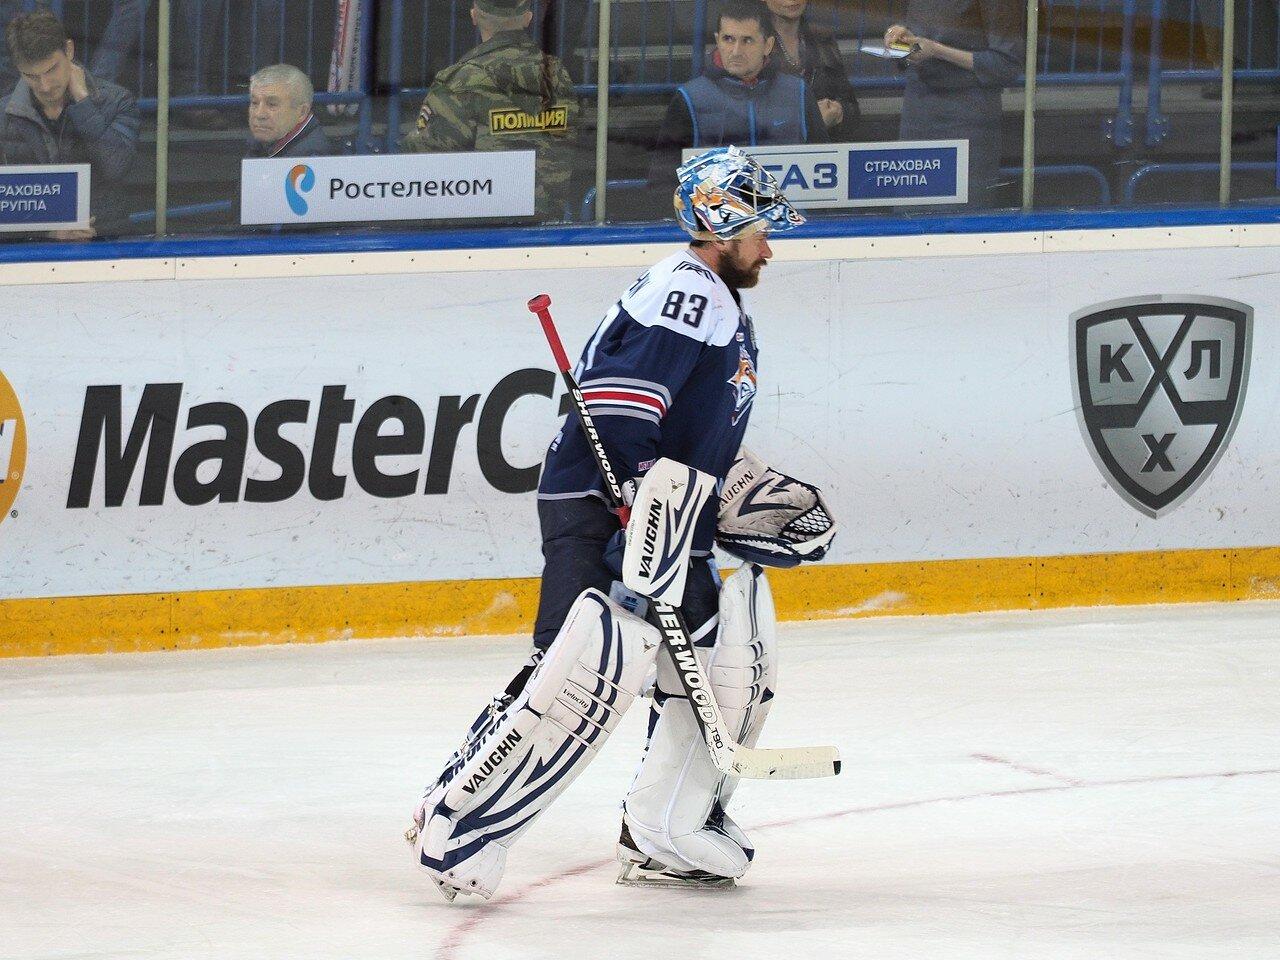 Финал плей-офф 2016 Металлург - ЦСКА 11.04.2016